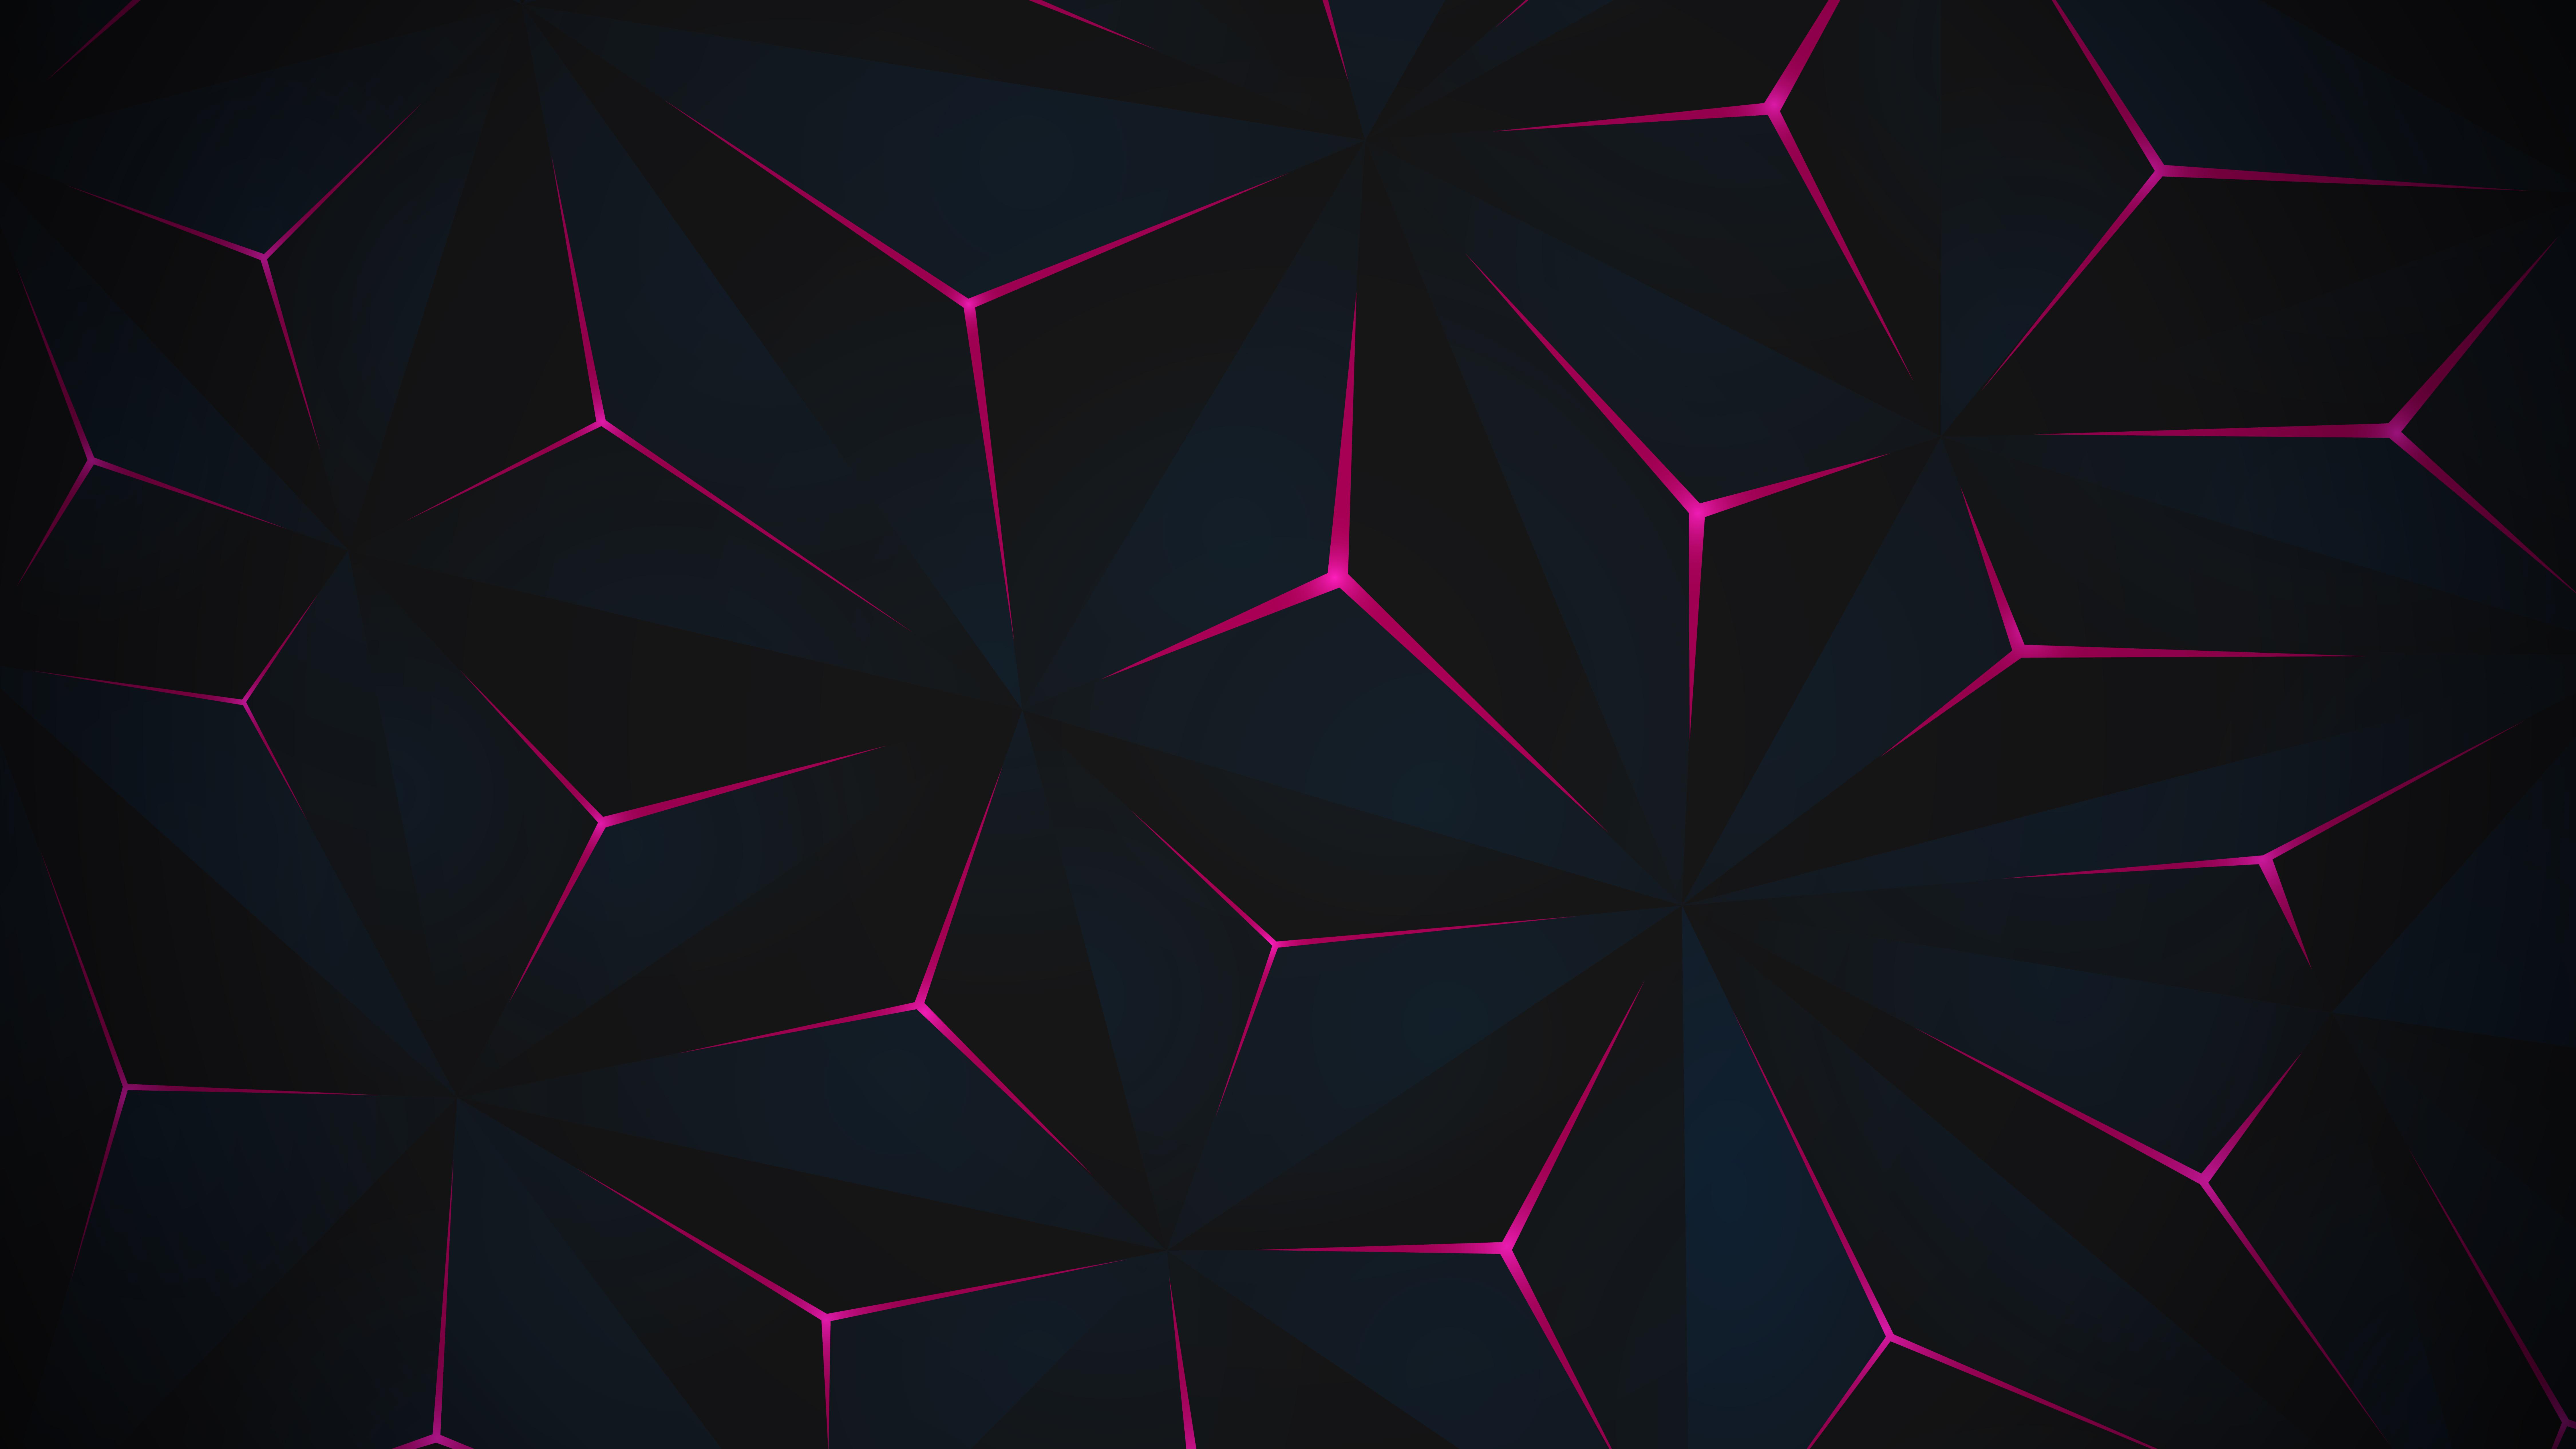 legion abstract 4k 1602439015 - Legion Abstract 4k - Legion Abstract 4k wallpapers